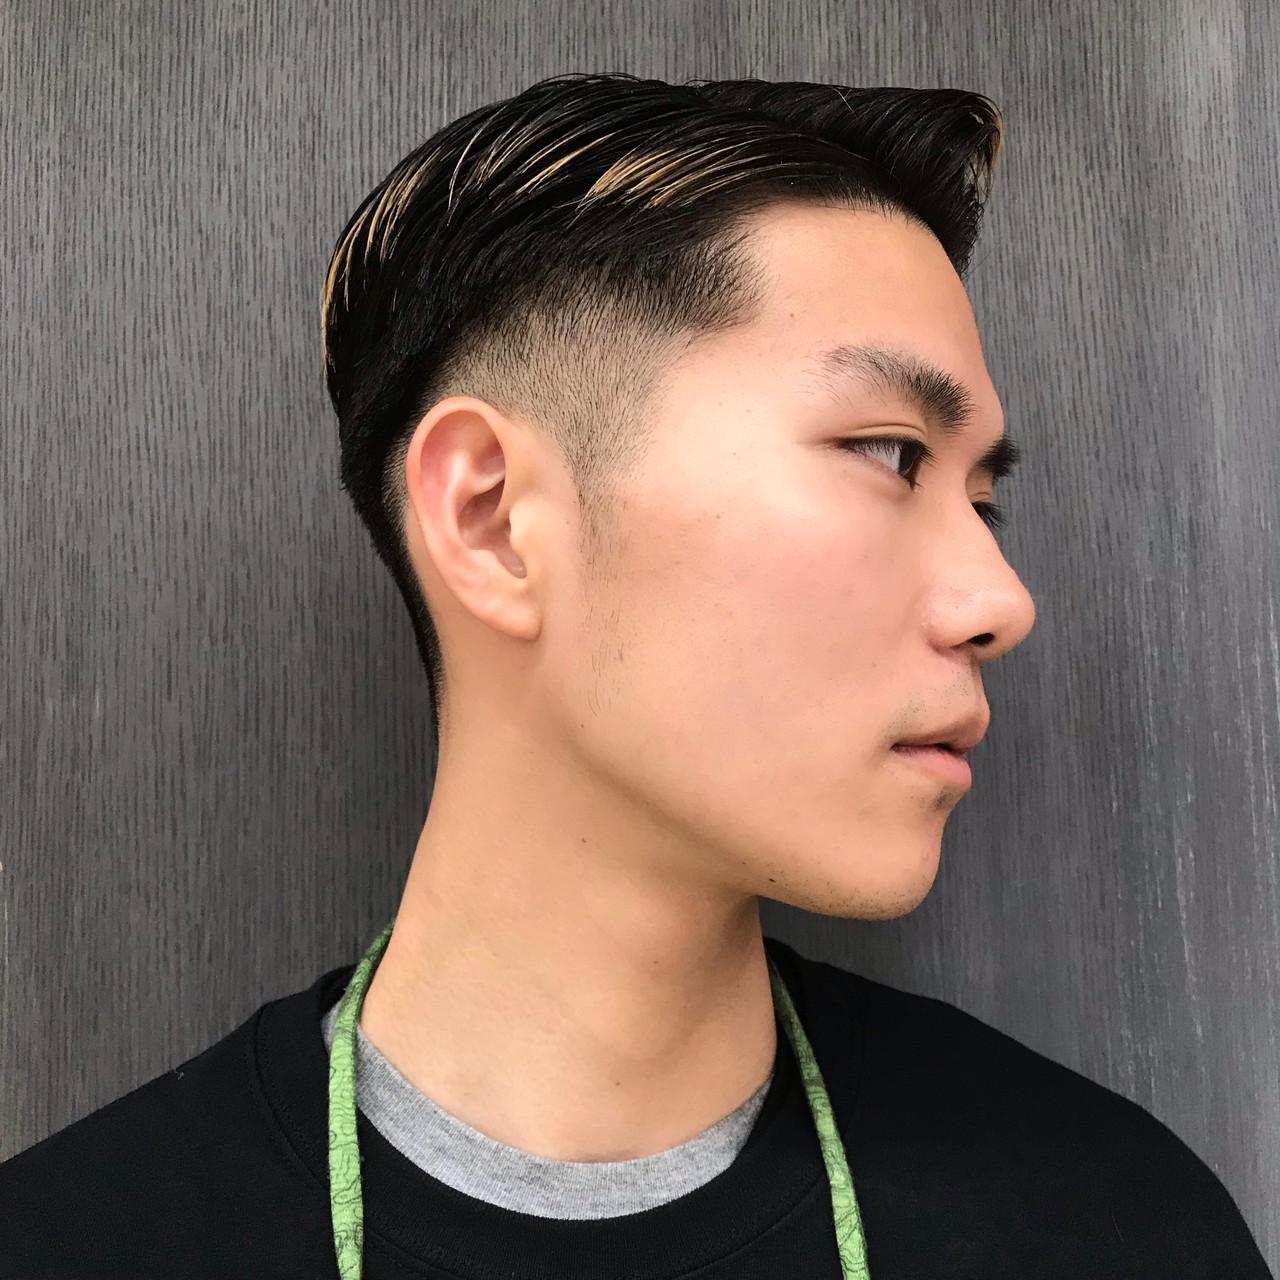 ショート メンズカラー ストリート メンズヘア ヘアスタイルや髪型の写真・画像